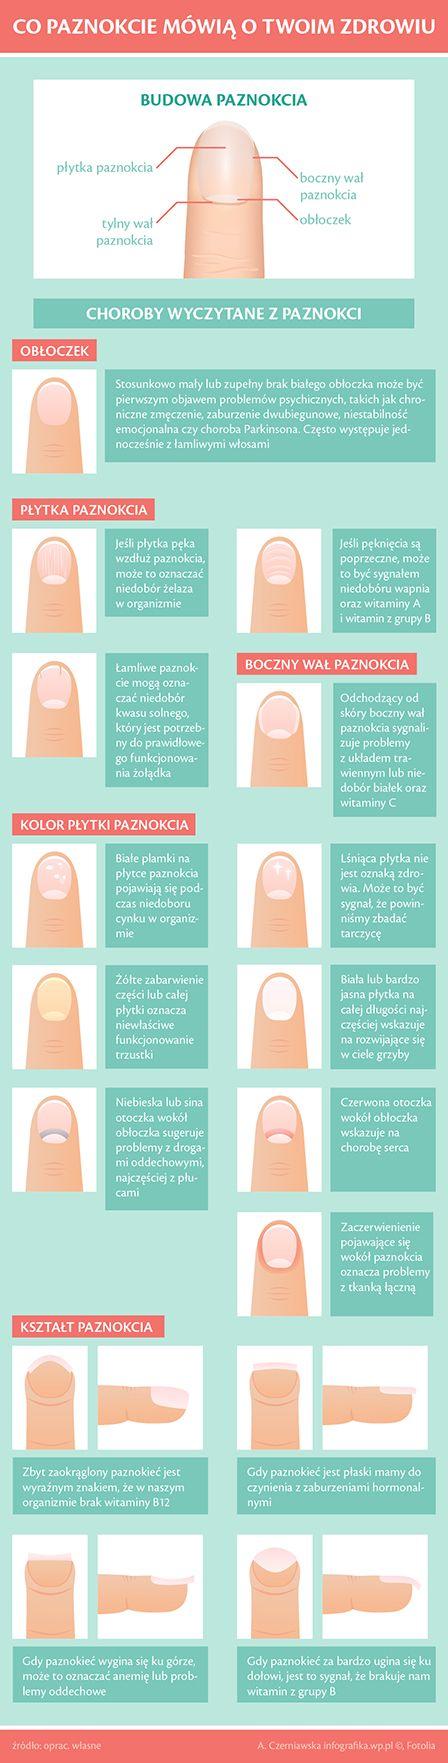 Zmiany w wyglądzie paznokci zawsze powinny wzbudzać naszą czujność. Na co należy zwracać uwagę, przyglądając się paznokciom? Przede wszystkim na zmiany w ich kolorze, ale też zmiany w kształcie i strukturze płytki paznokciowej.